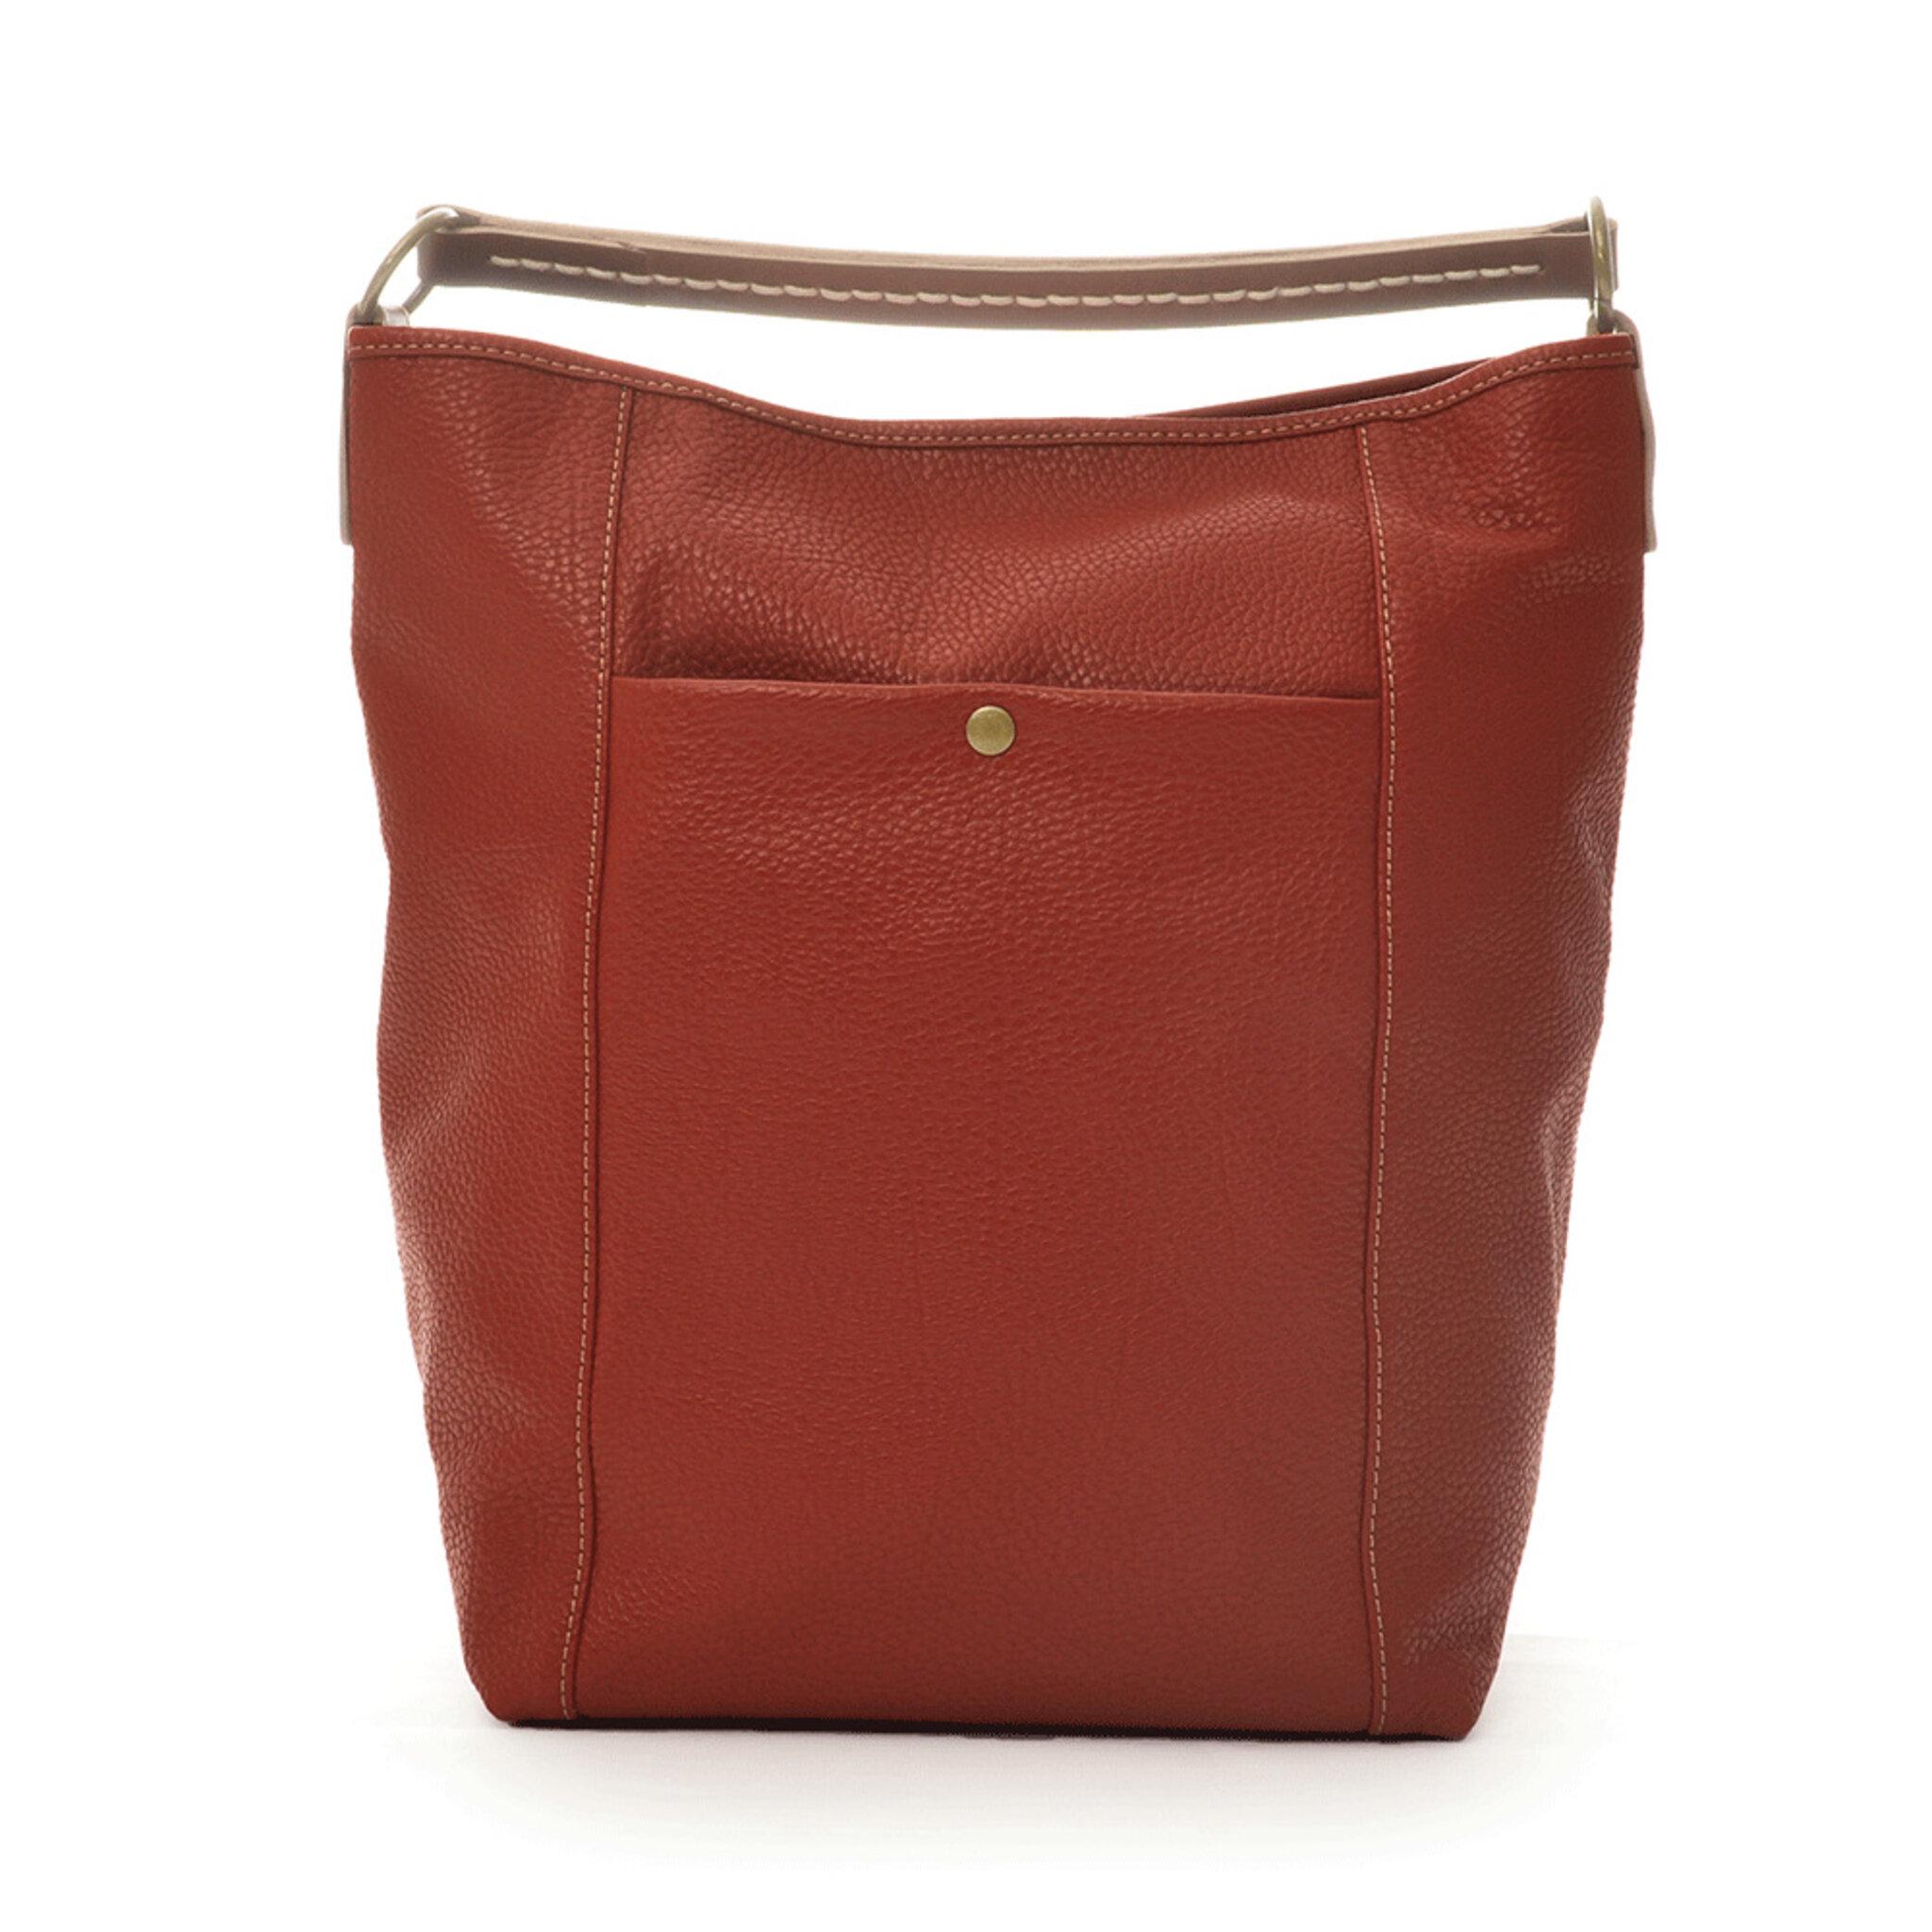 Bucket Bag Red Grained Leather - Handväskor - Köp online på åhlens.se! 80a3968b4f5ab